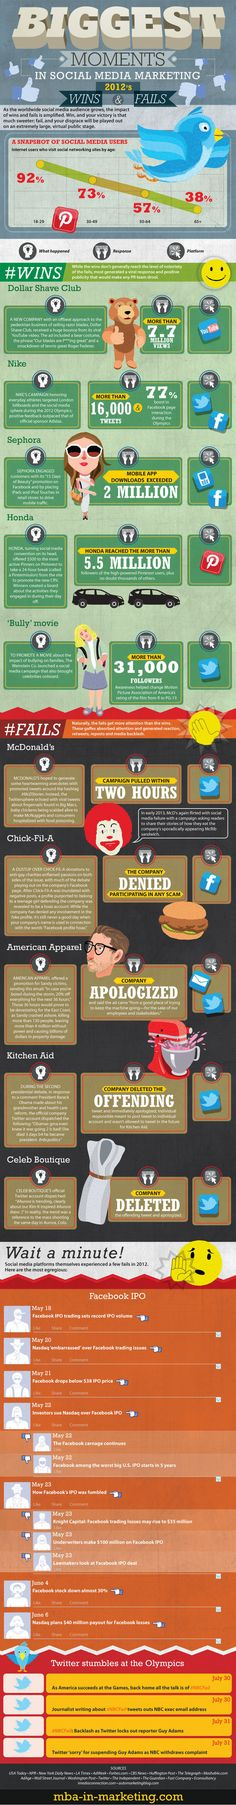 Biggest moments in social media in 2012 (MBA In Marketing)